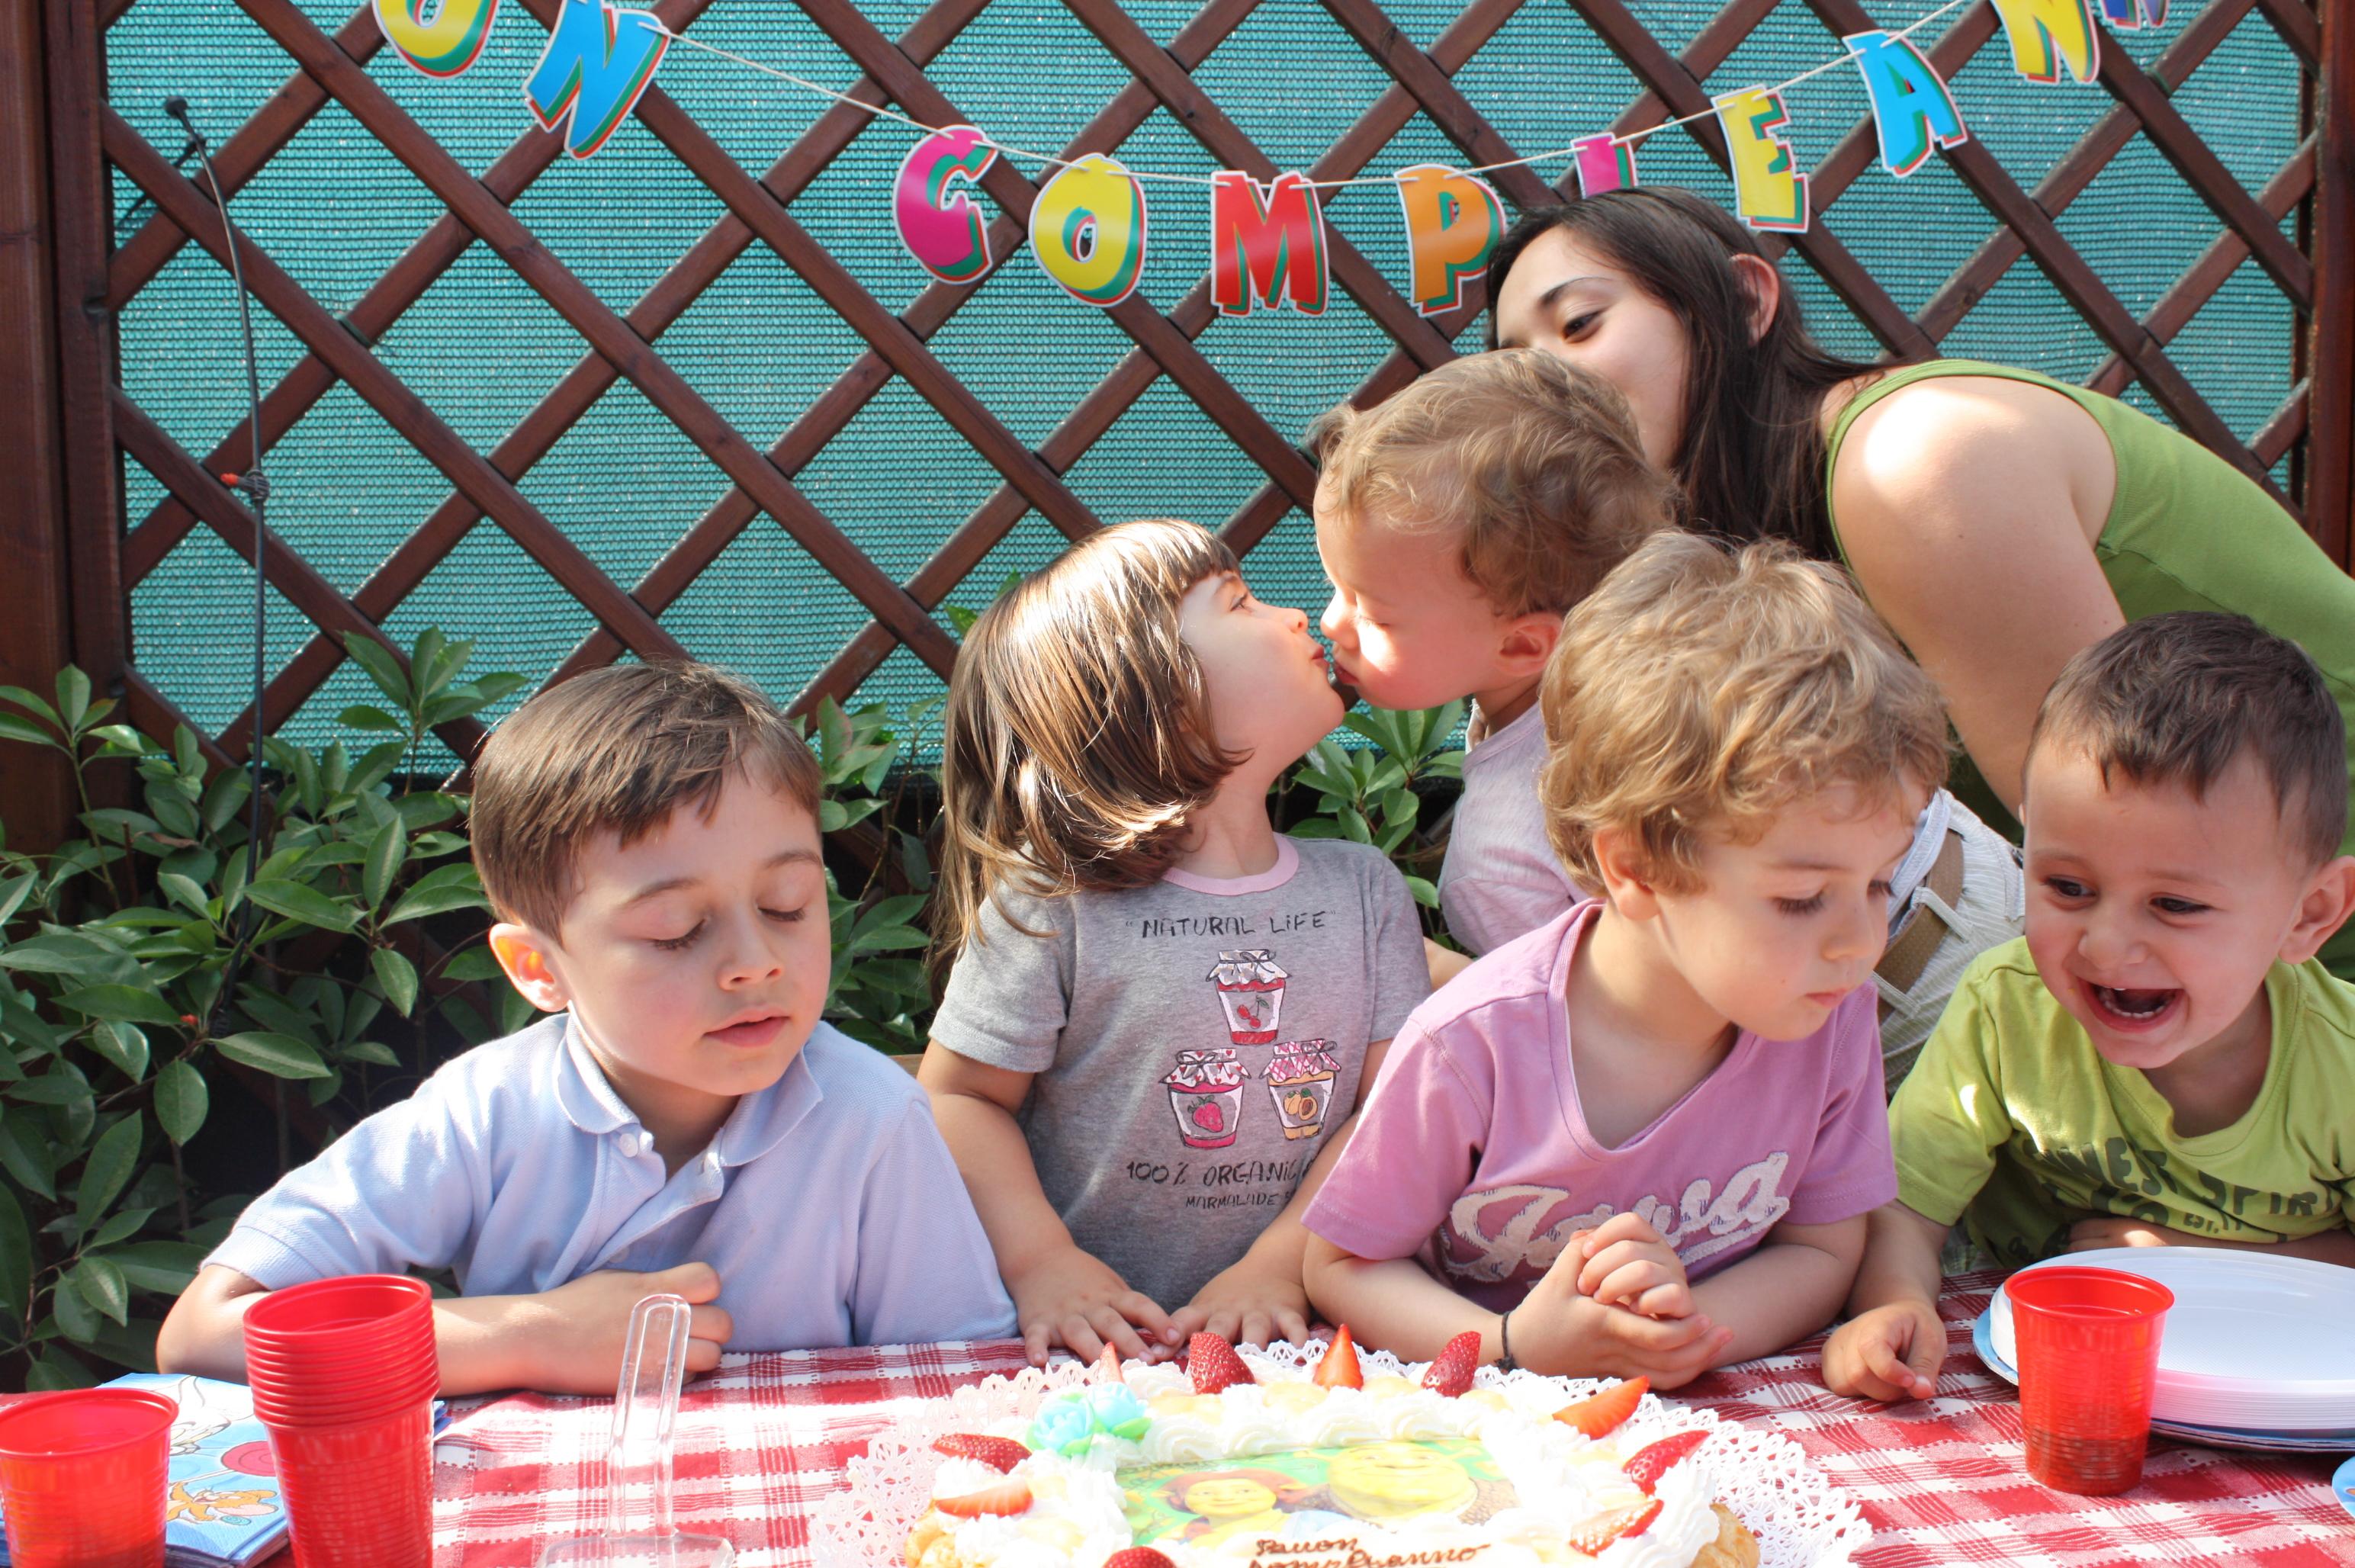 Bambini Creativi Fateli Annoiare Ma Non Troppo Educare I